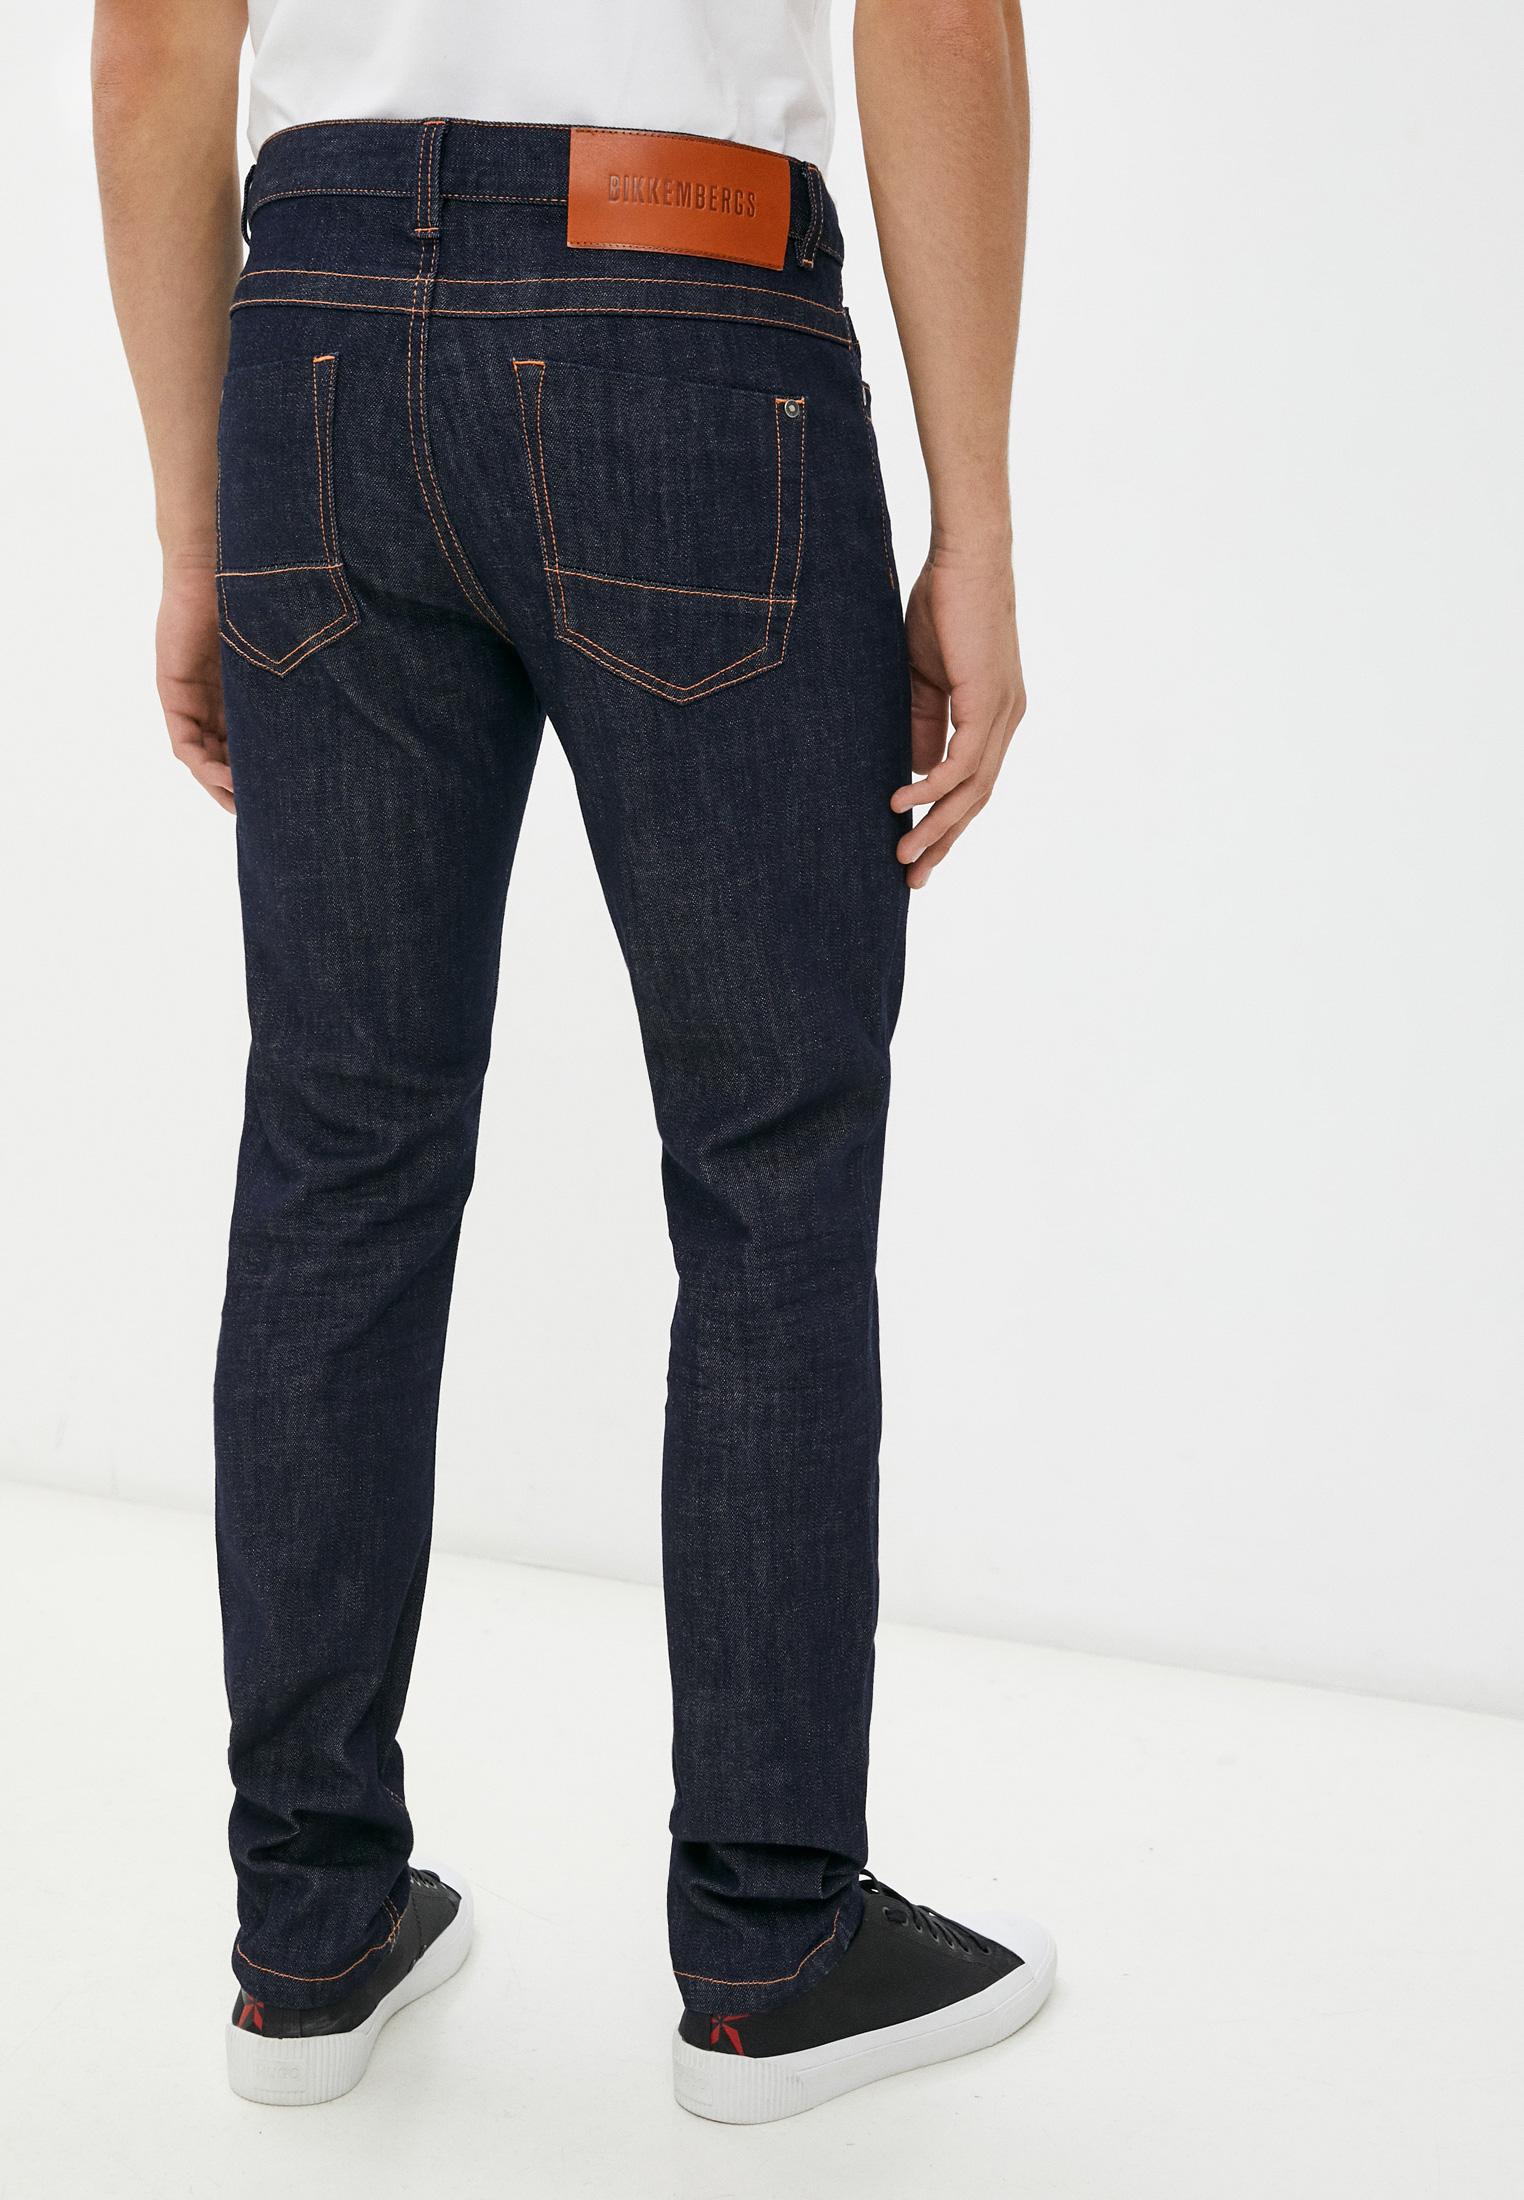 Мужские прямые джинсы Bikkembergs (Биккембергс) C Q 102 03 S 3393: изображение 9